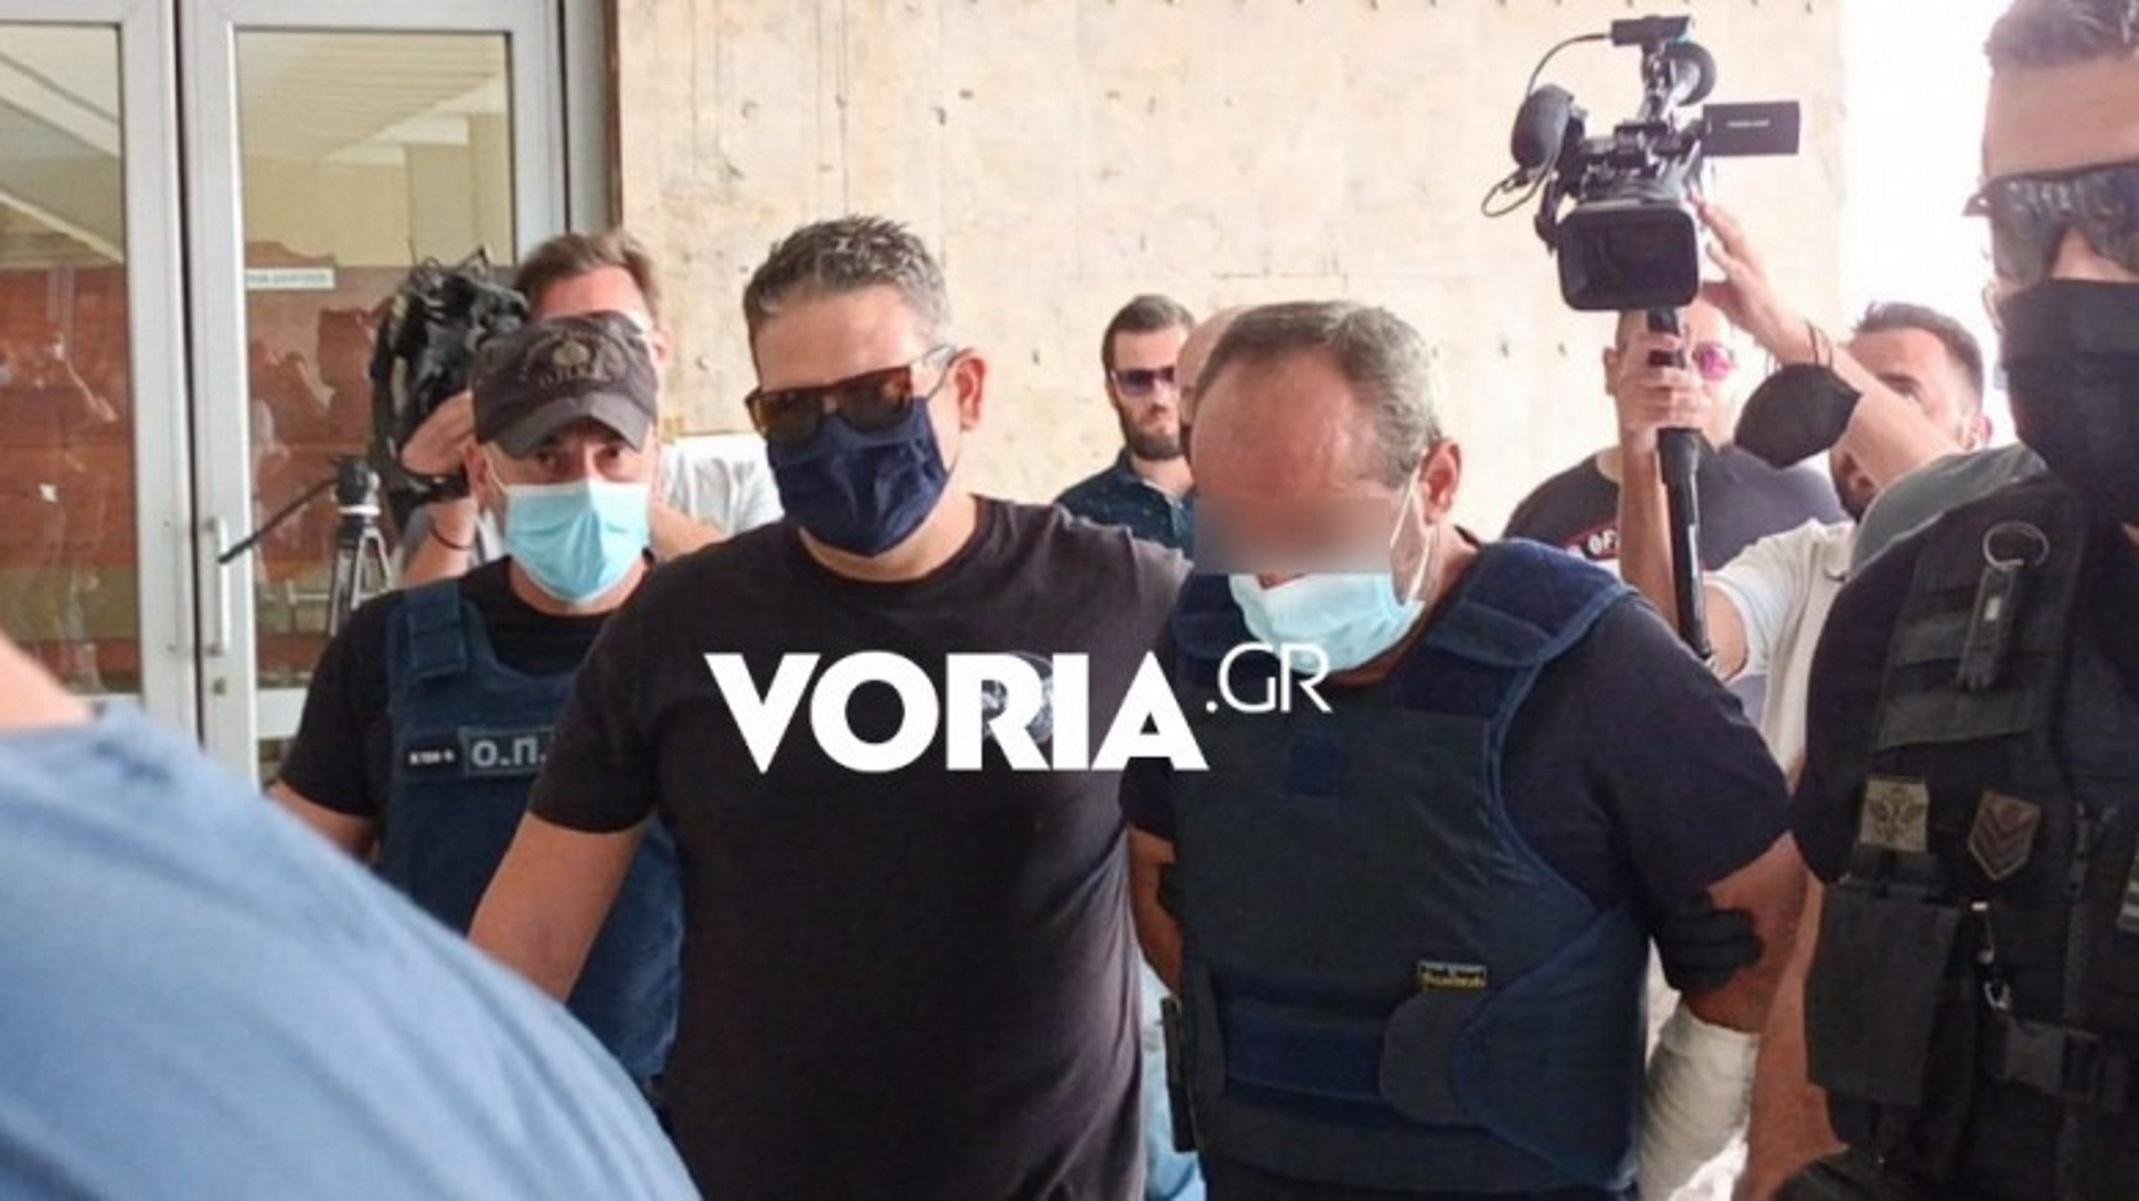 Γυναικοκτονία – Θεσσαλονίκη: Στον εισαγγελέα ο 48χρονος Γεωργιανός που έσφαξε τη σύντροφό του